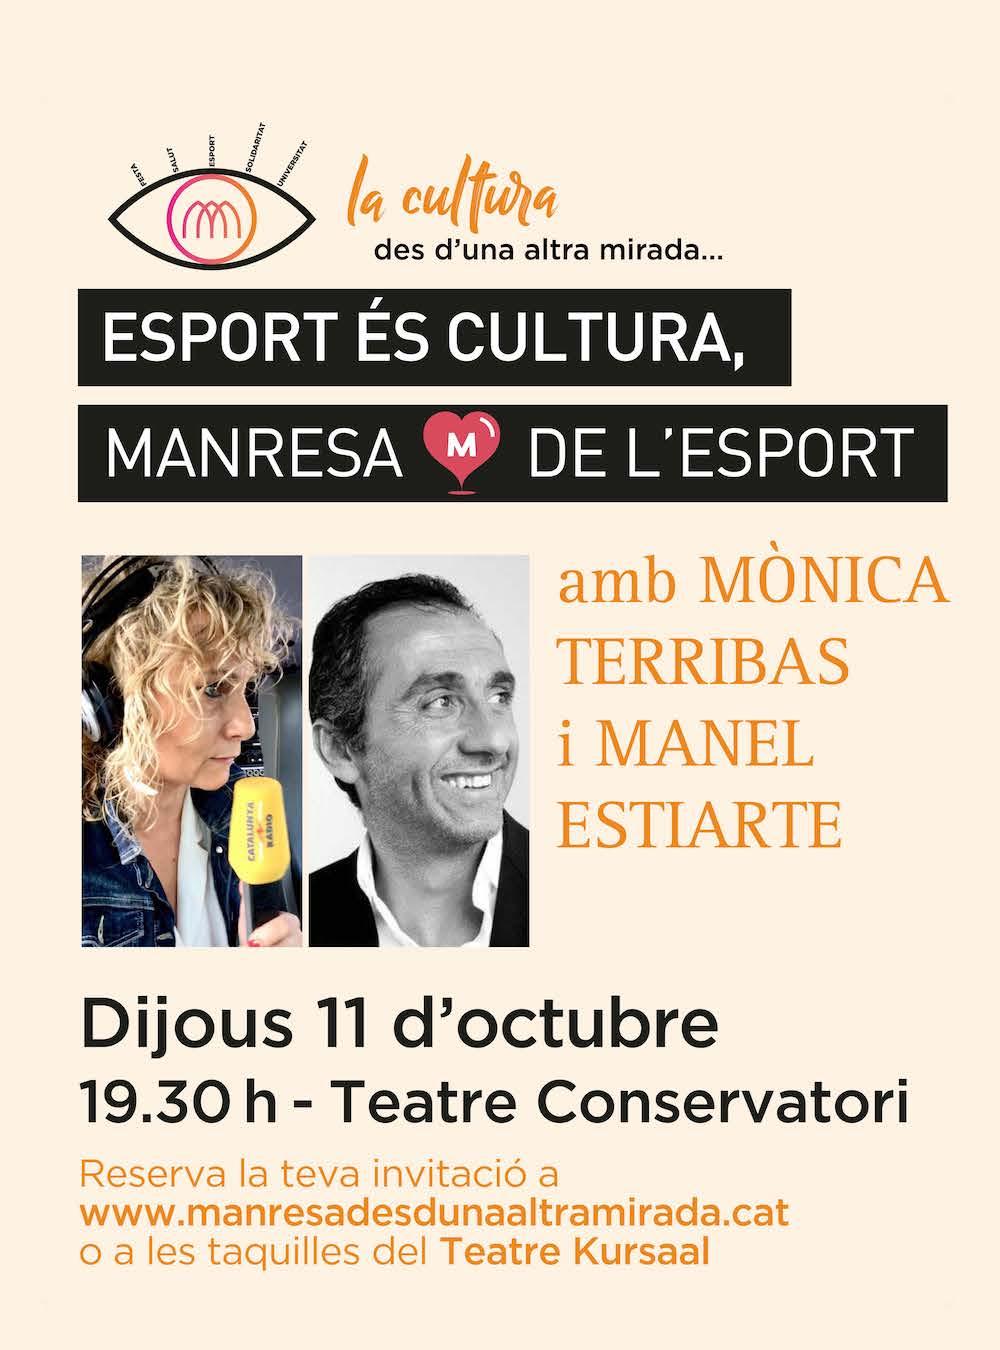 Manel Estiarte i Mònica Terribas conversaran sobre esport en el marc de